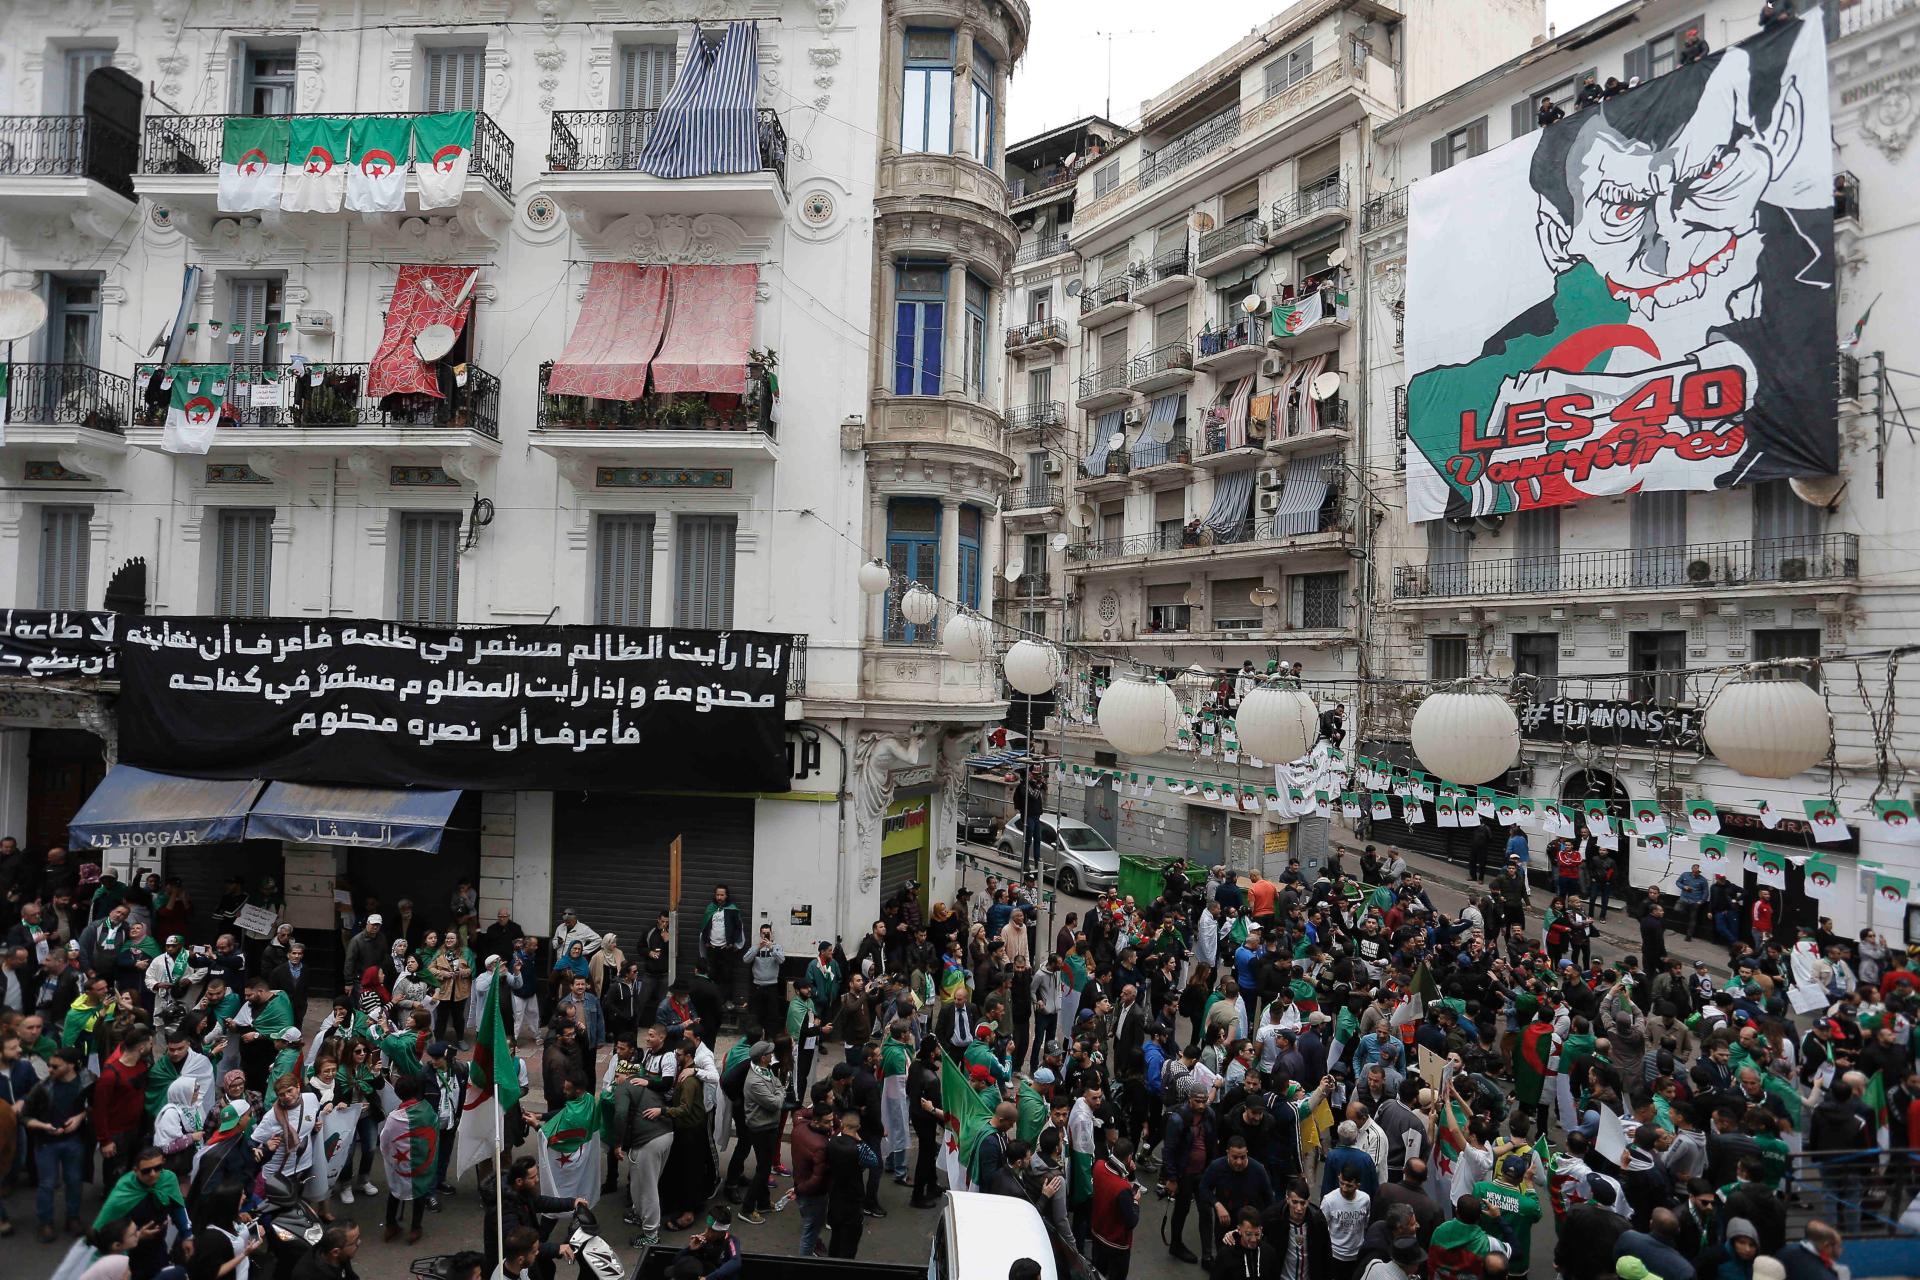 Westlake Legal Group ContentBroker_contentid-9012b3b333e64d2e823ad9da34b3c7c6-1 Young Algerian protester dies of injuries; police accused fox-news/world/world-regions/africa fox-news/world fnc/world fnc Associated Press article ALGIERS, Algeria 7e1e86f7-9e99-5f1a-b623-b2d2ef71730d